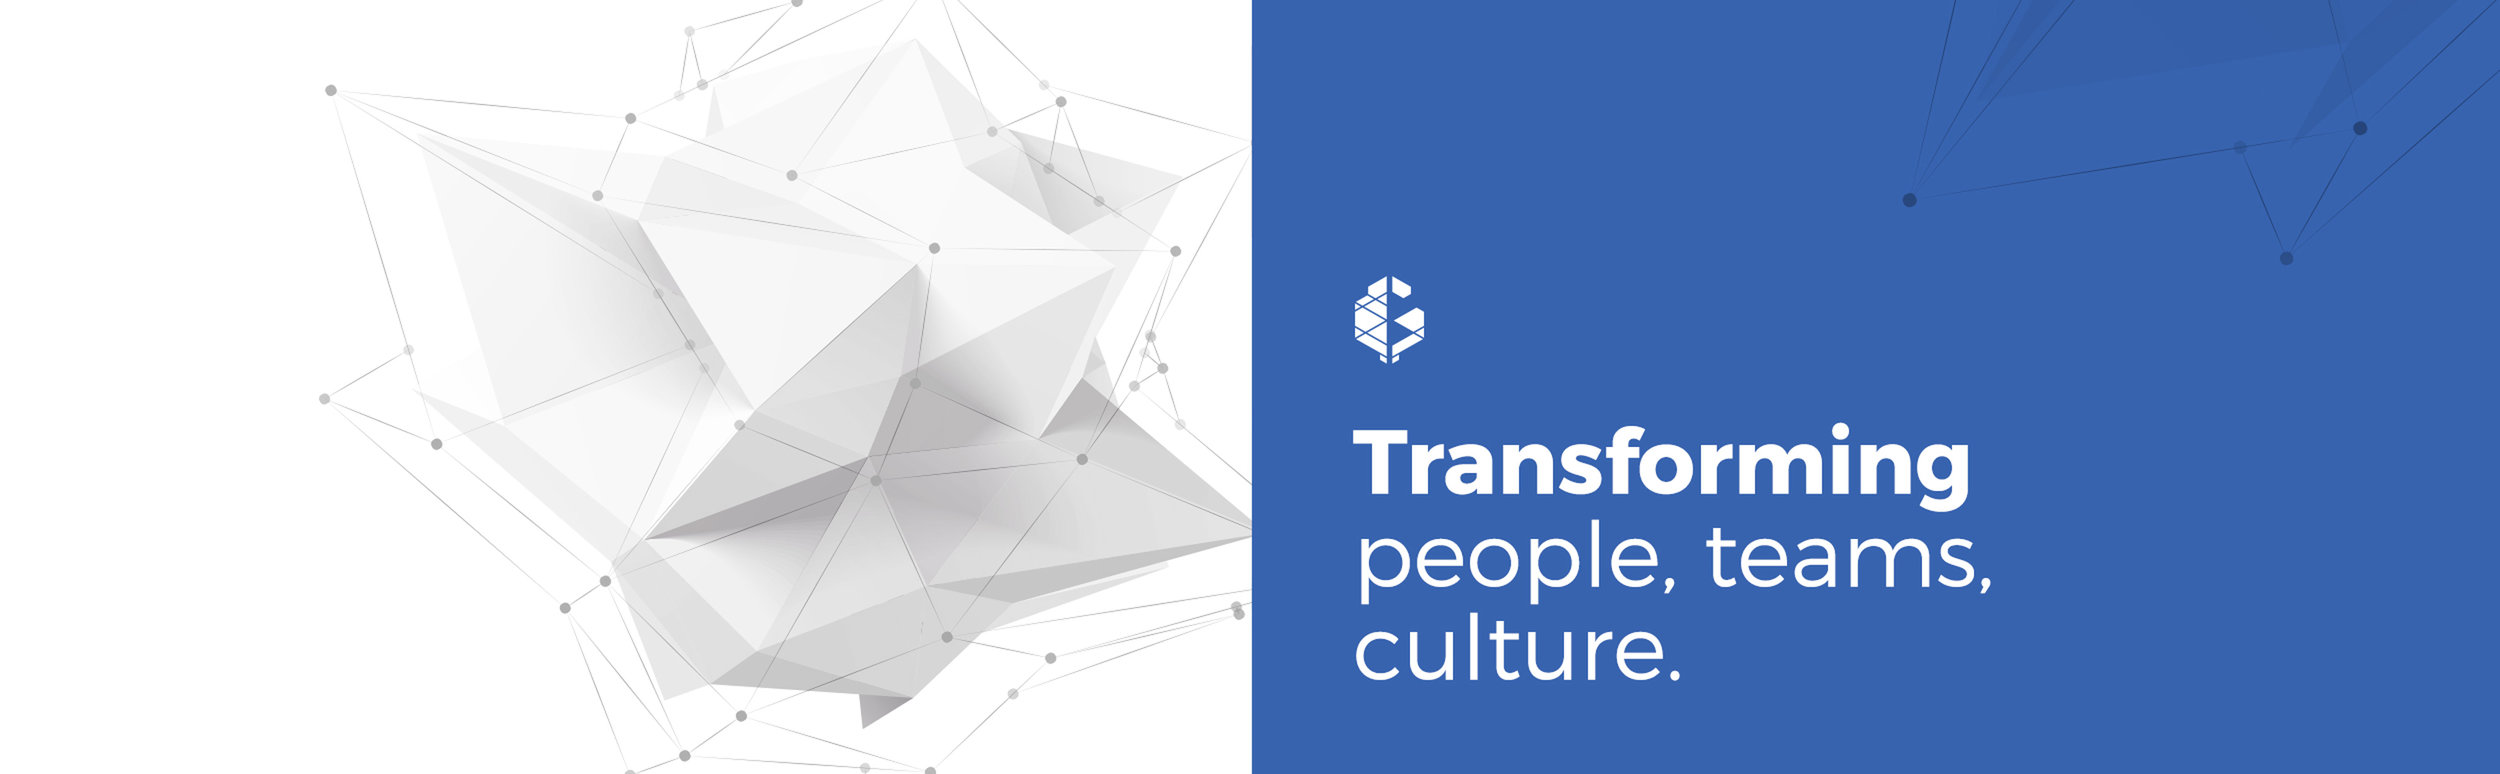 Banner 1 - Transforming people, teams & culture.jpg